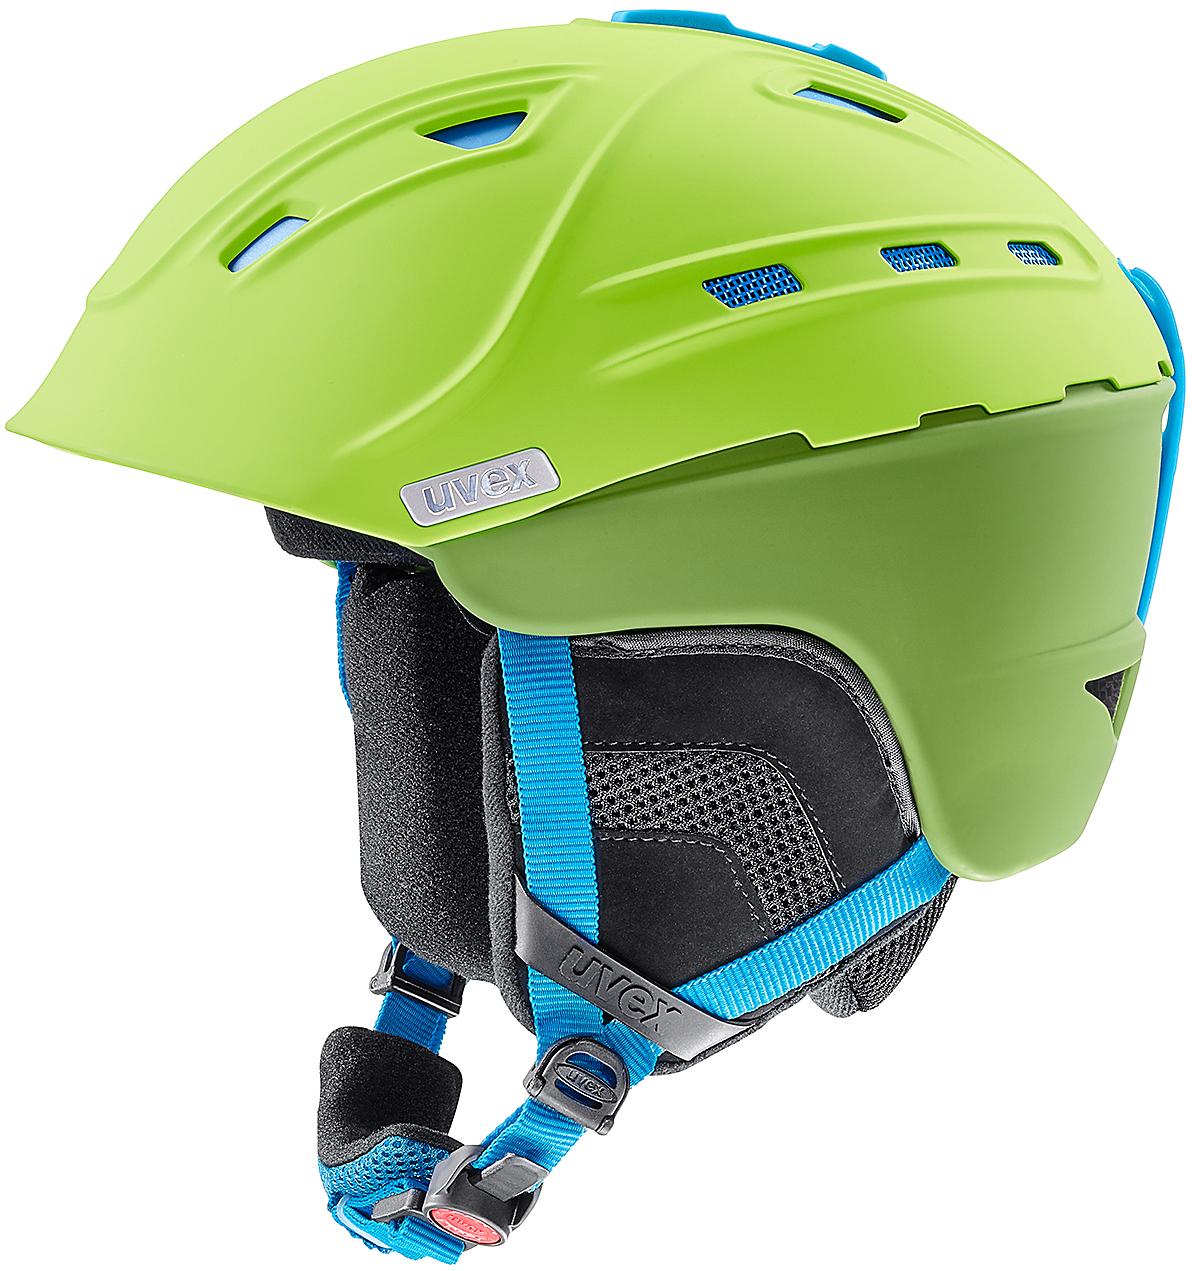 Uvex Шлем Uvex P2us, размер 59-61